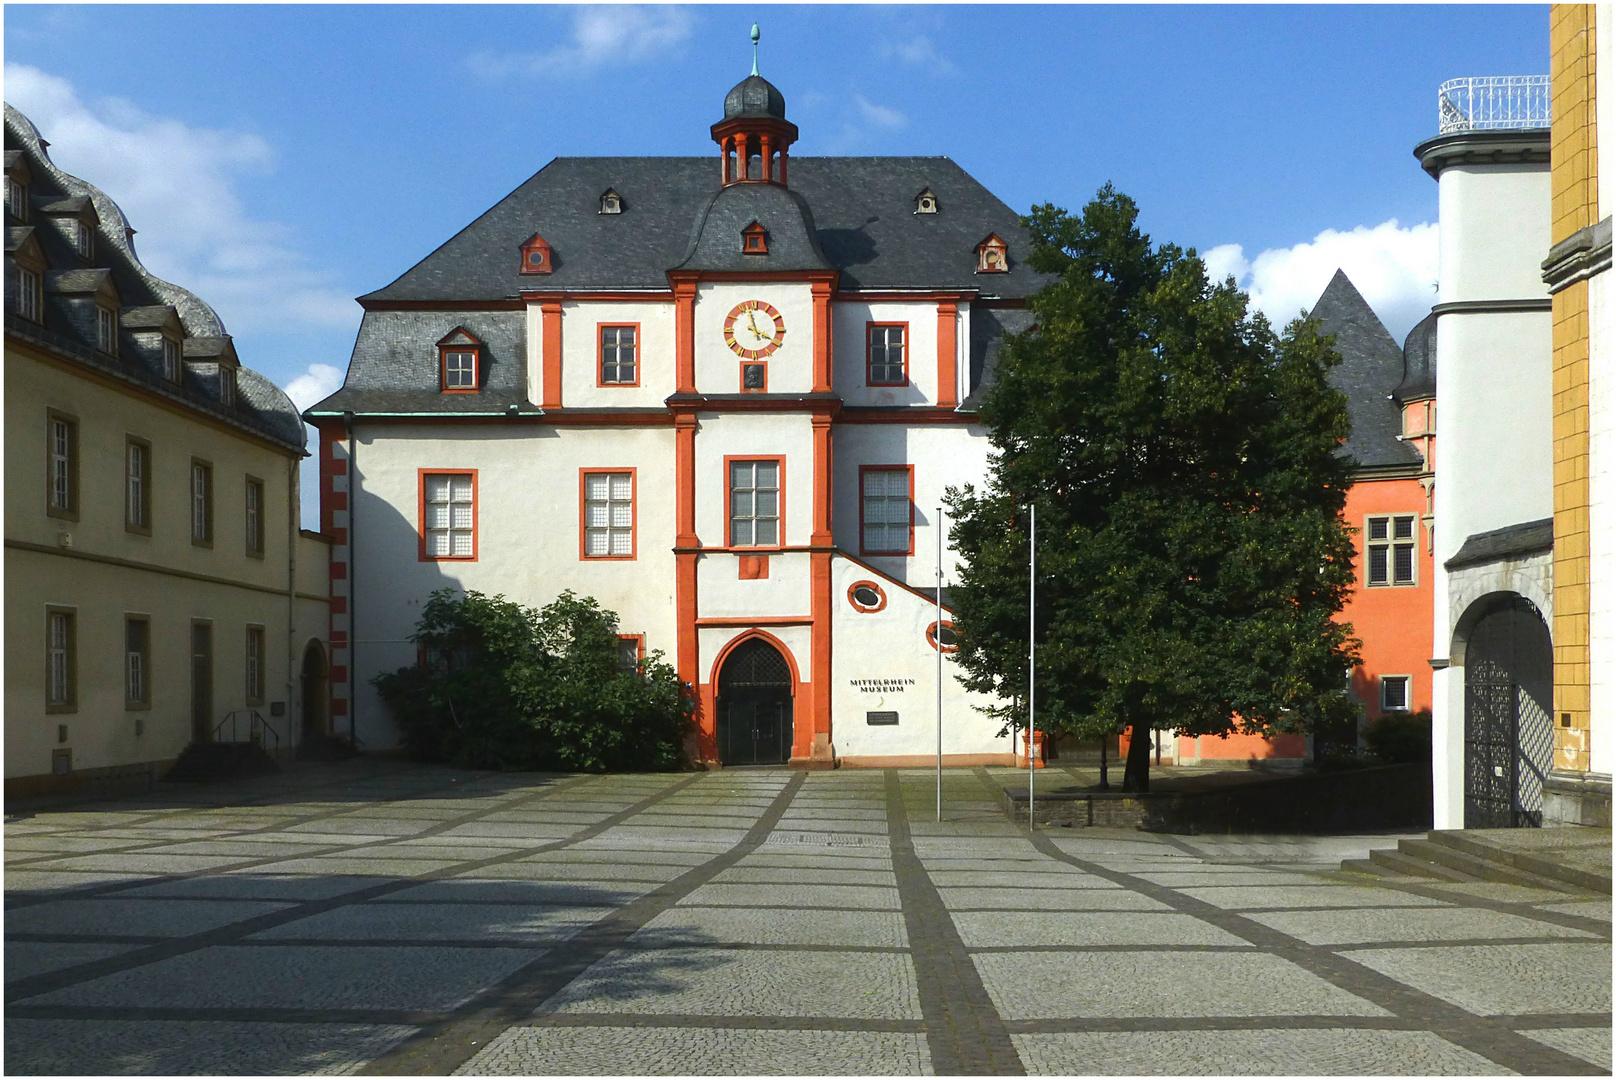 Altes Kauf- und Danzhaus in Koblenz (ehem.Sitz des Mittelrheinmuseums)